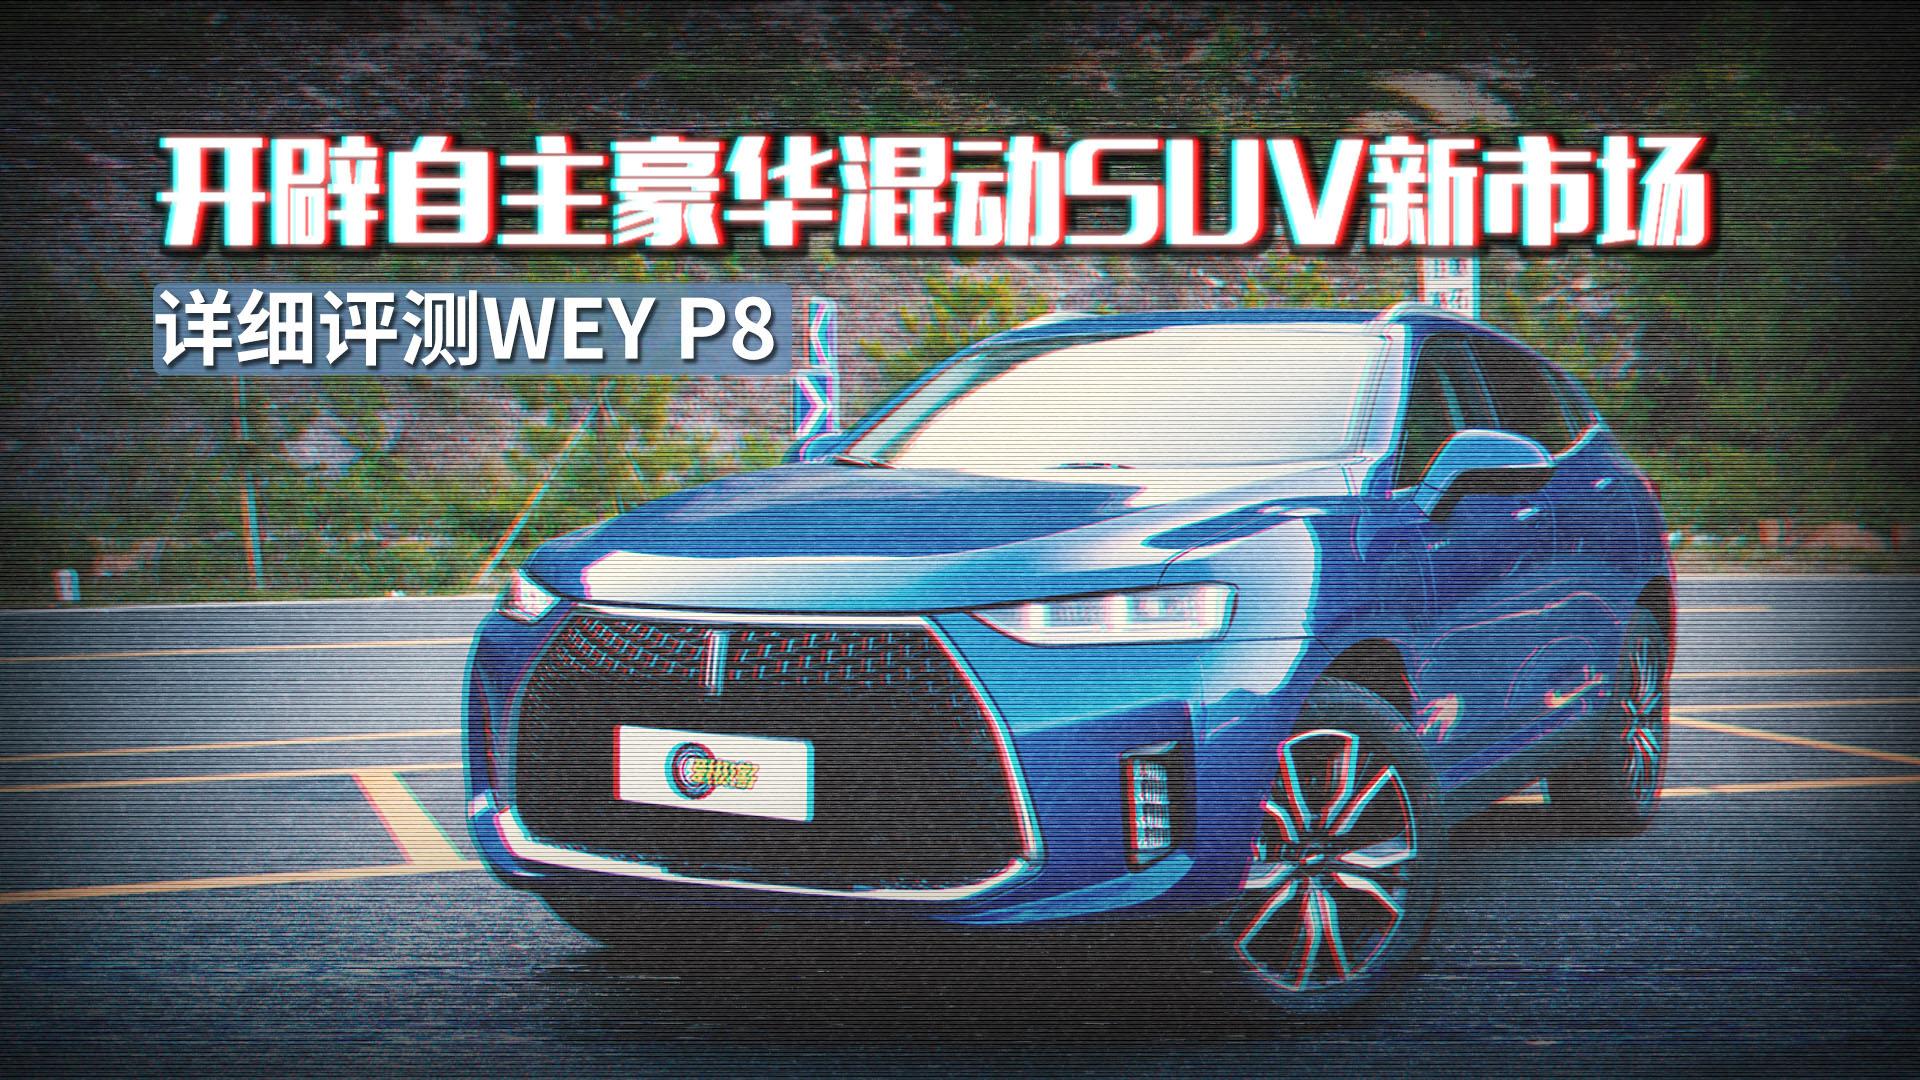 自主豪华品牌混合动力SUV!详细评测WEY P8